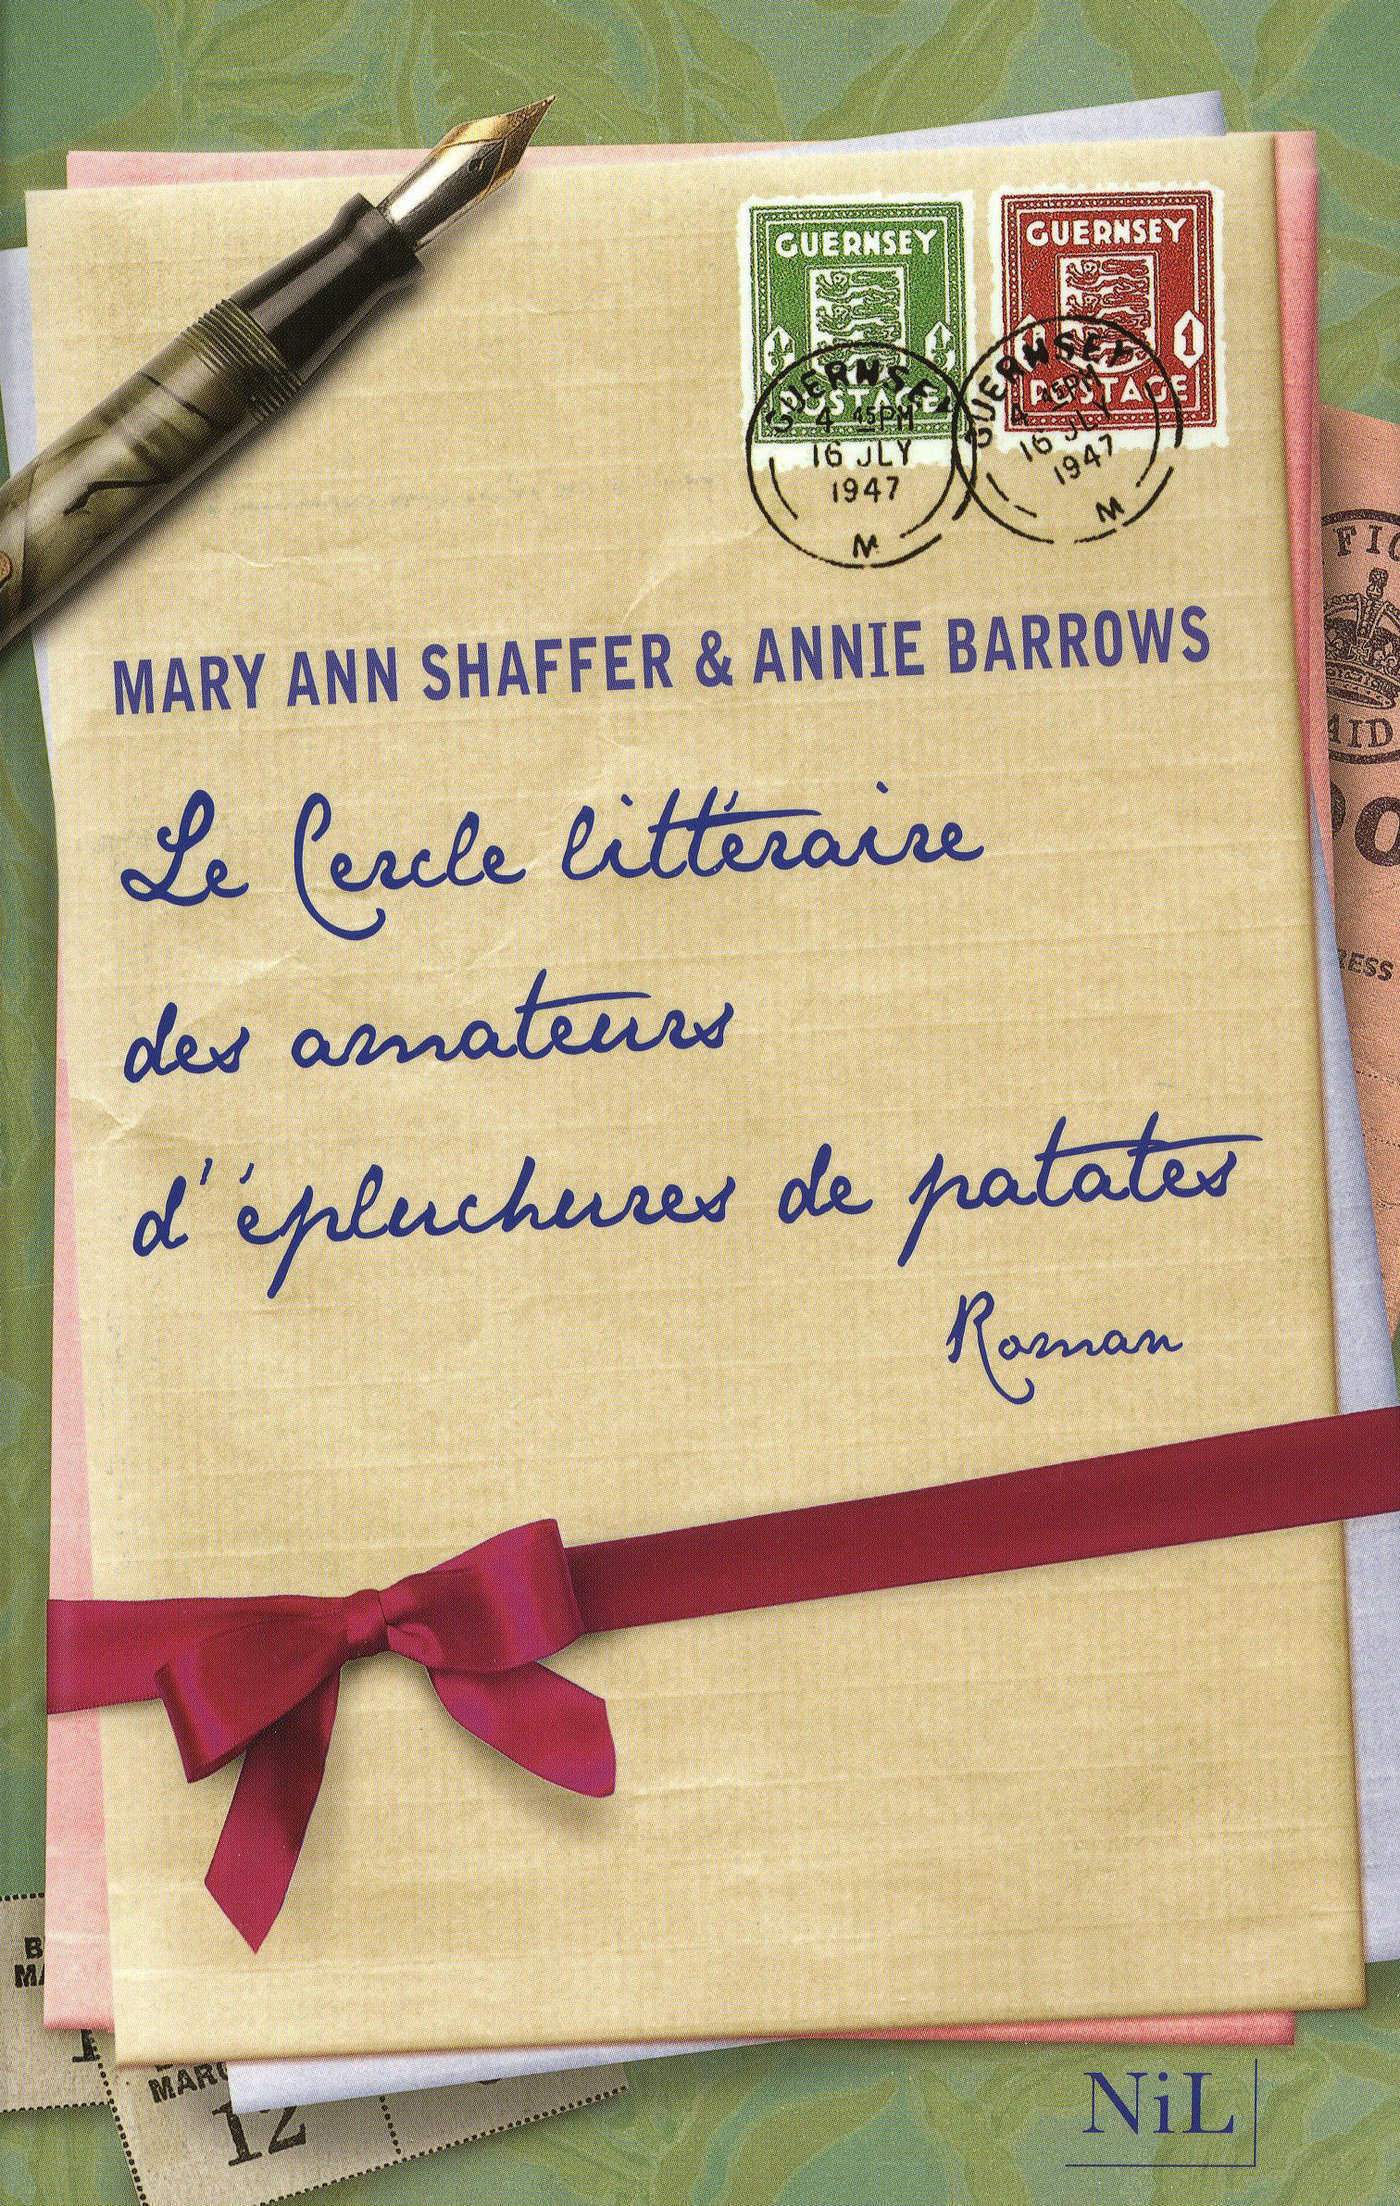 Le Cercle littéraire des amateurs d'épluchures de patates